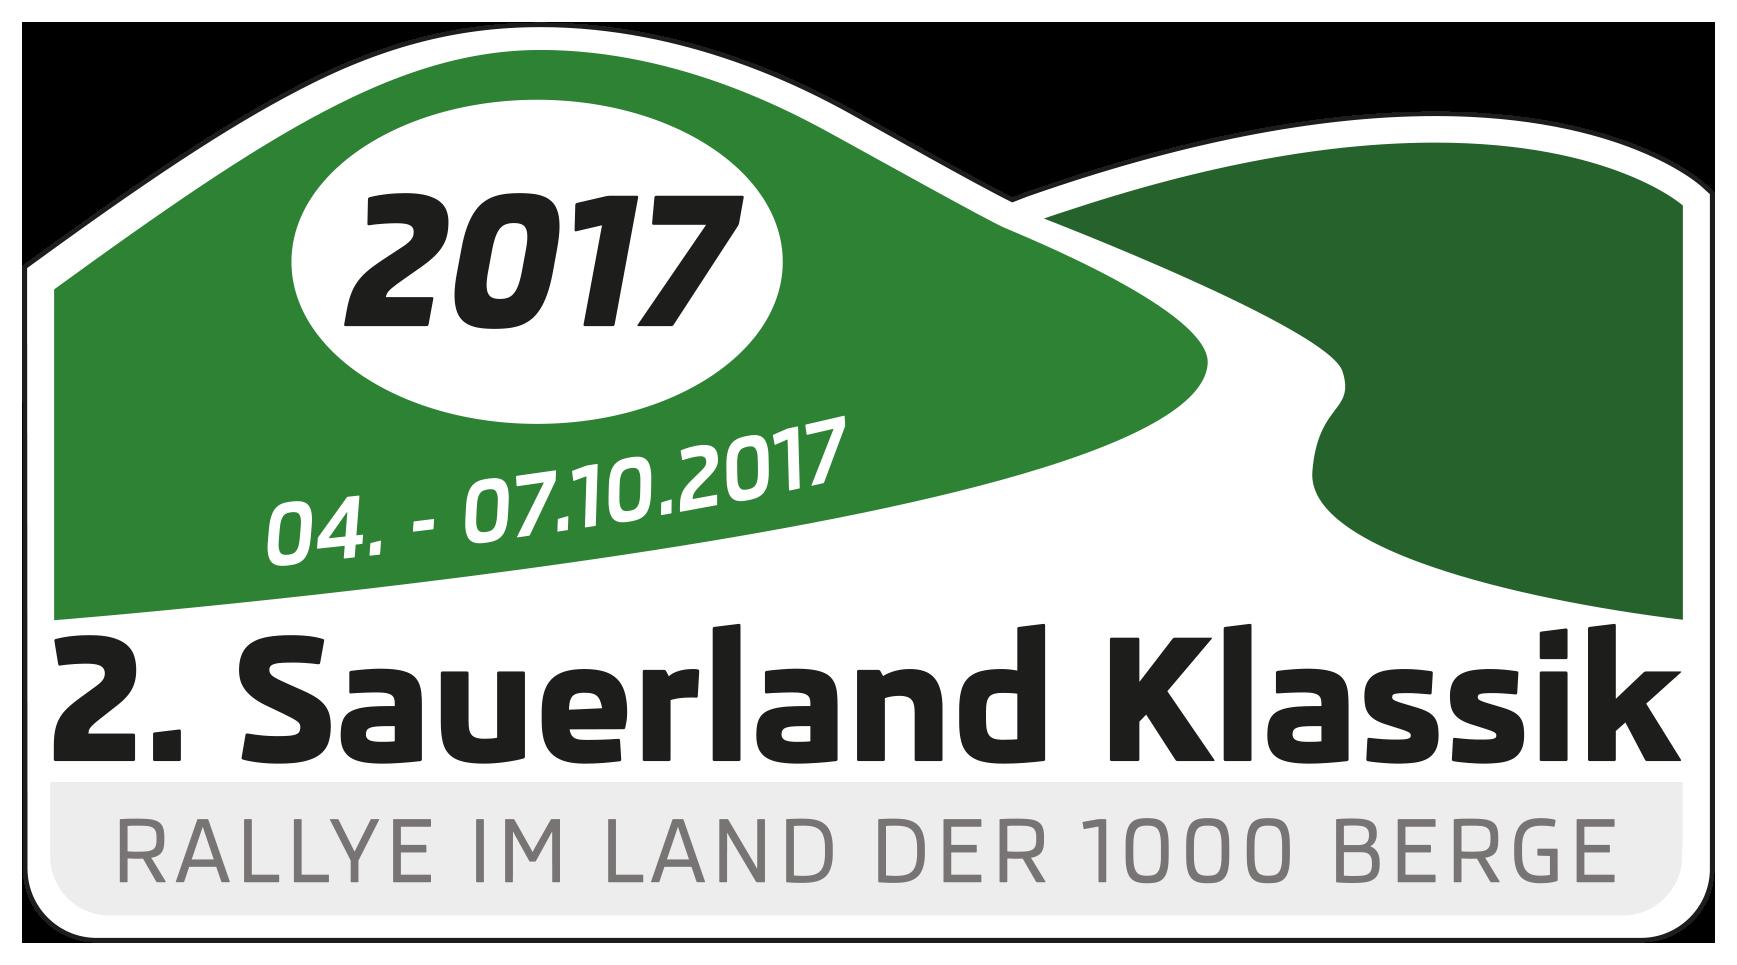 Sauerland Klassik